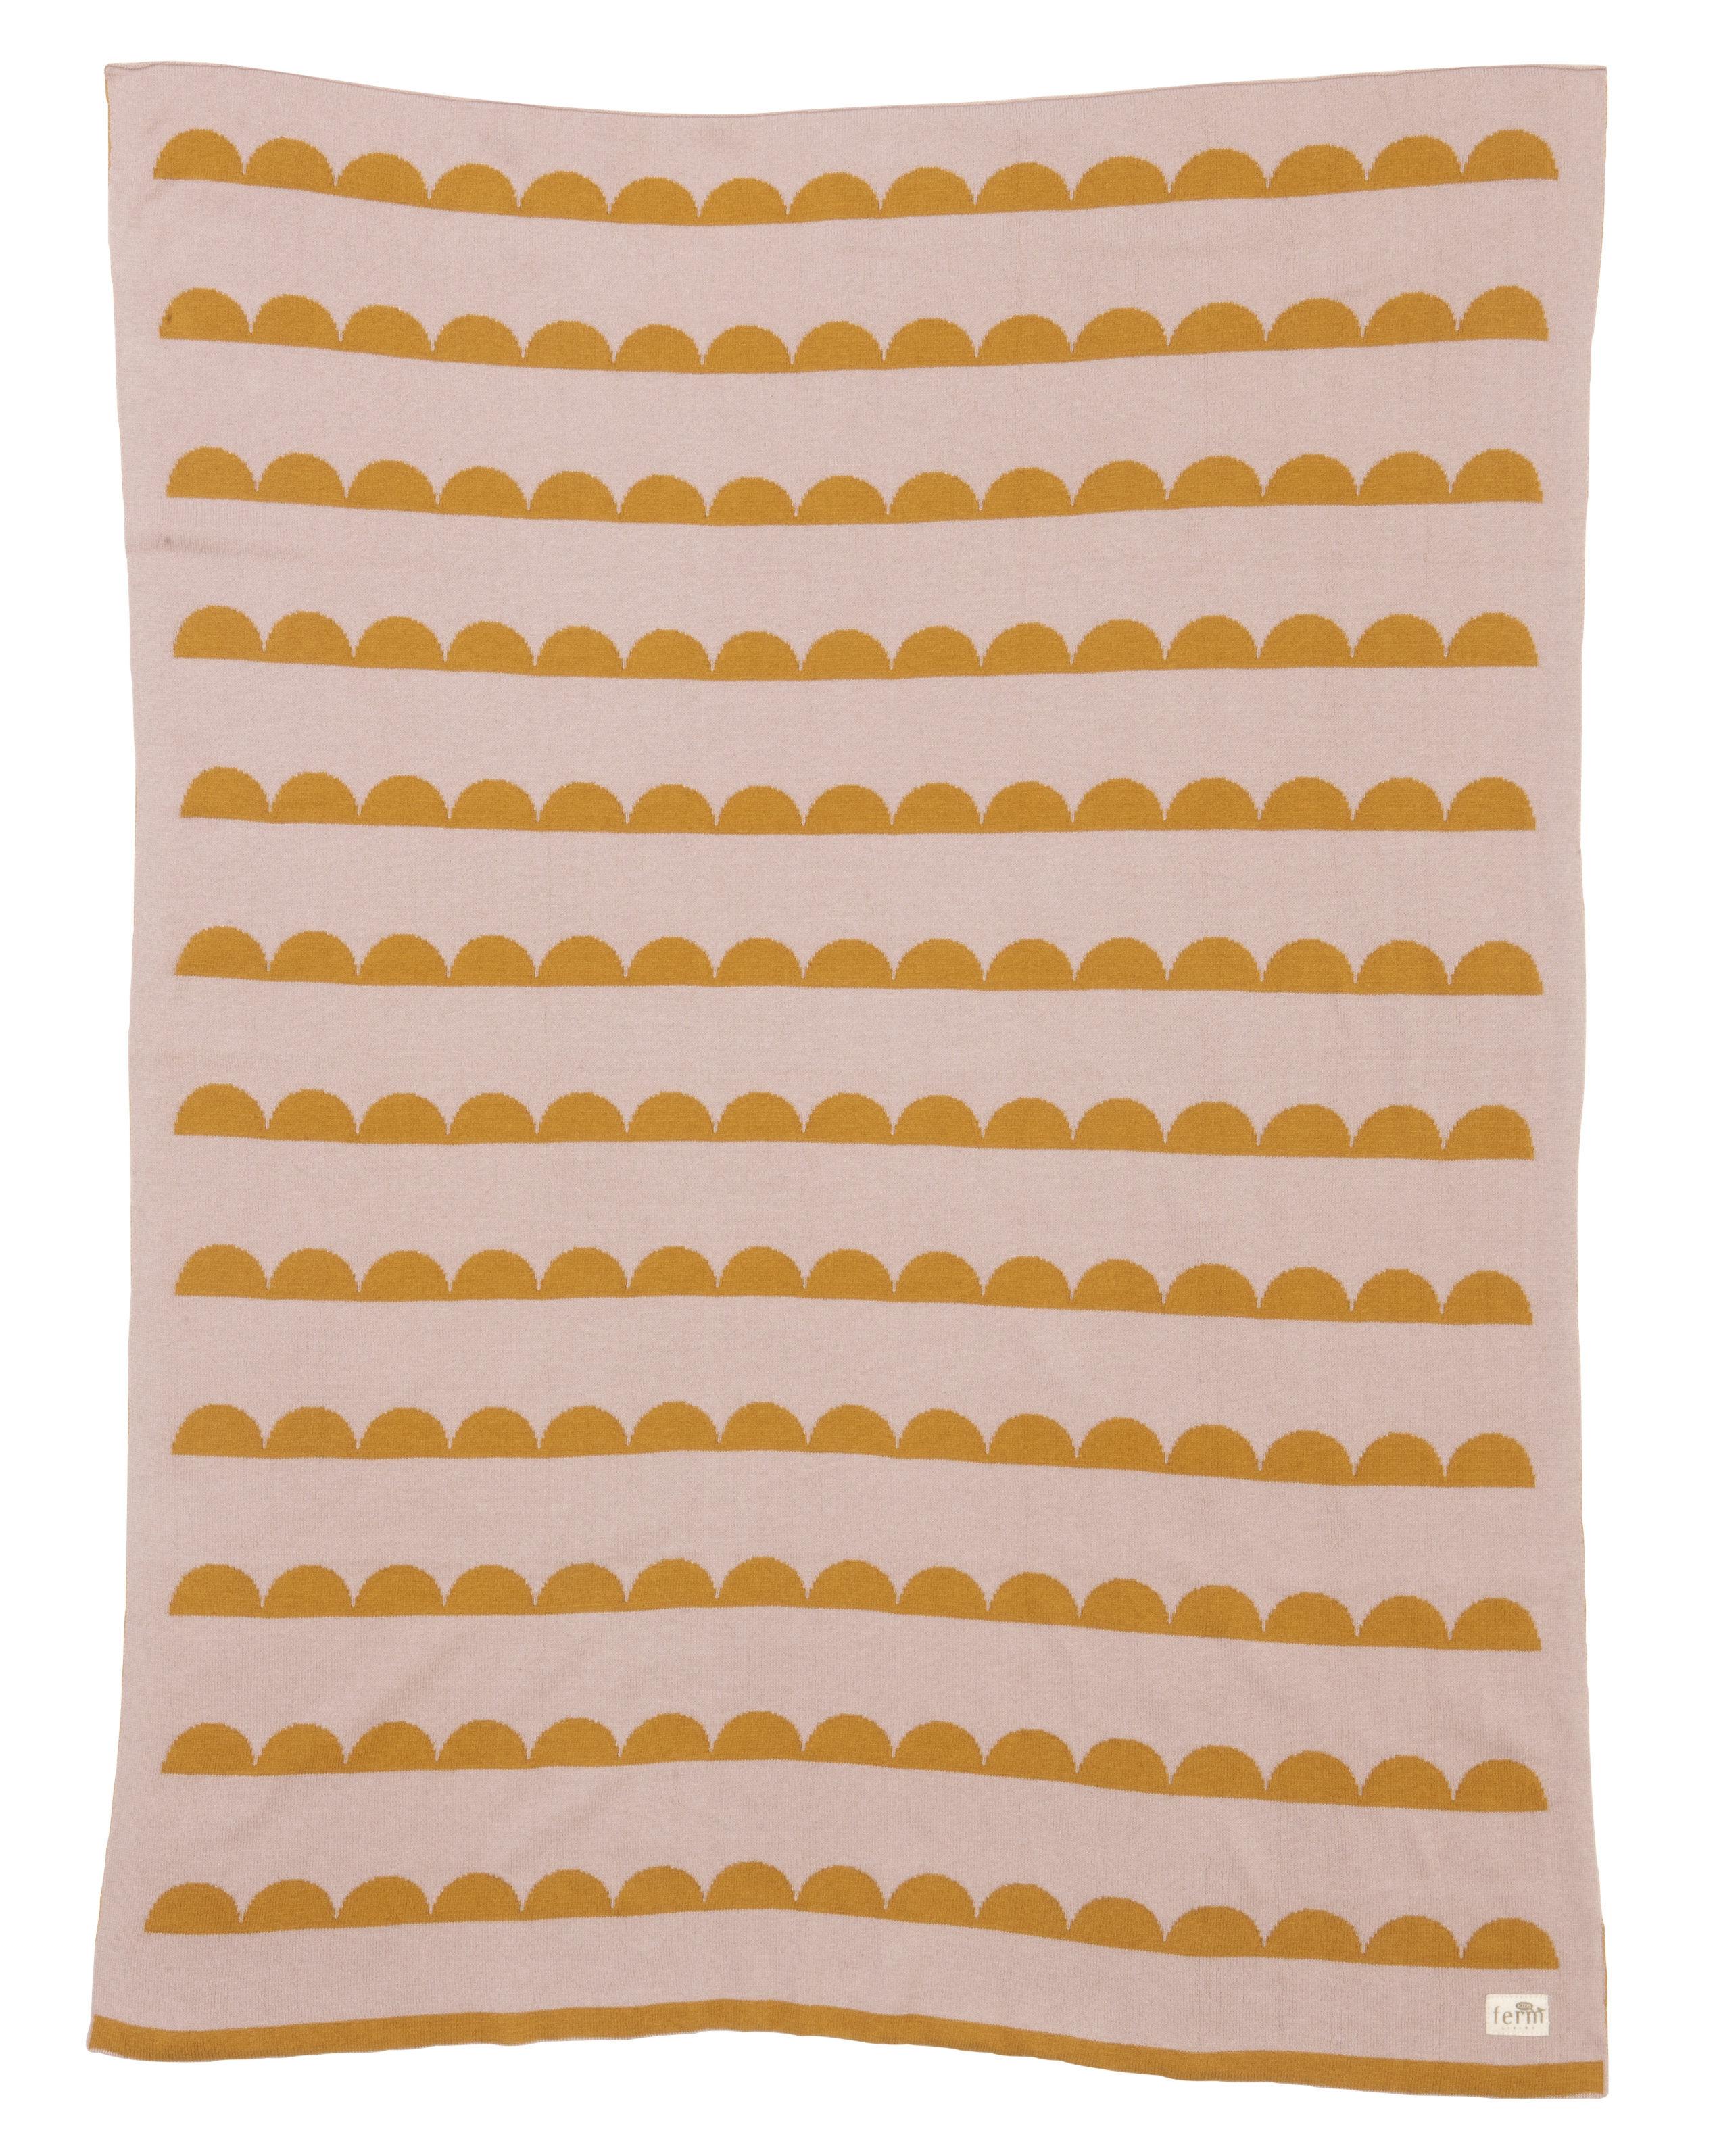 Interni - Per bambini - Plaid per bambini Little Half Moon - / 100 x 80 cm di Ferm Living - Giallo curry / Rosa - Cotone